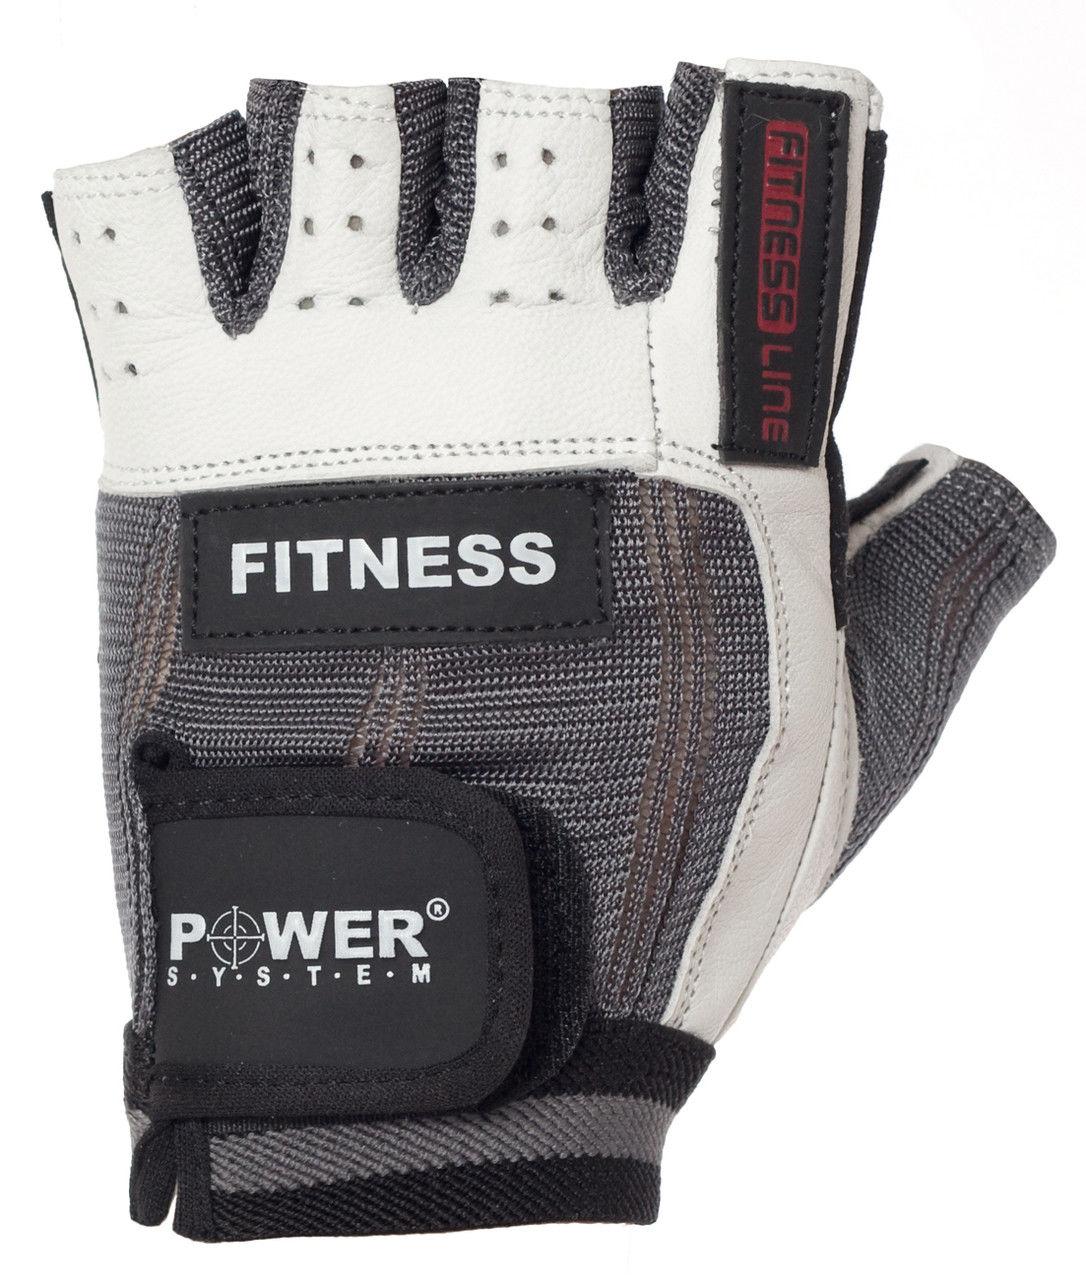 Перчатки Power System Fitness PS-2300 XS, Серый фото видео изображение